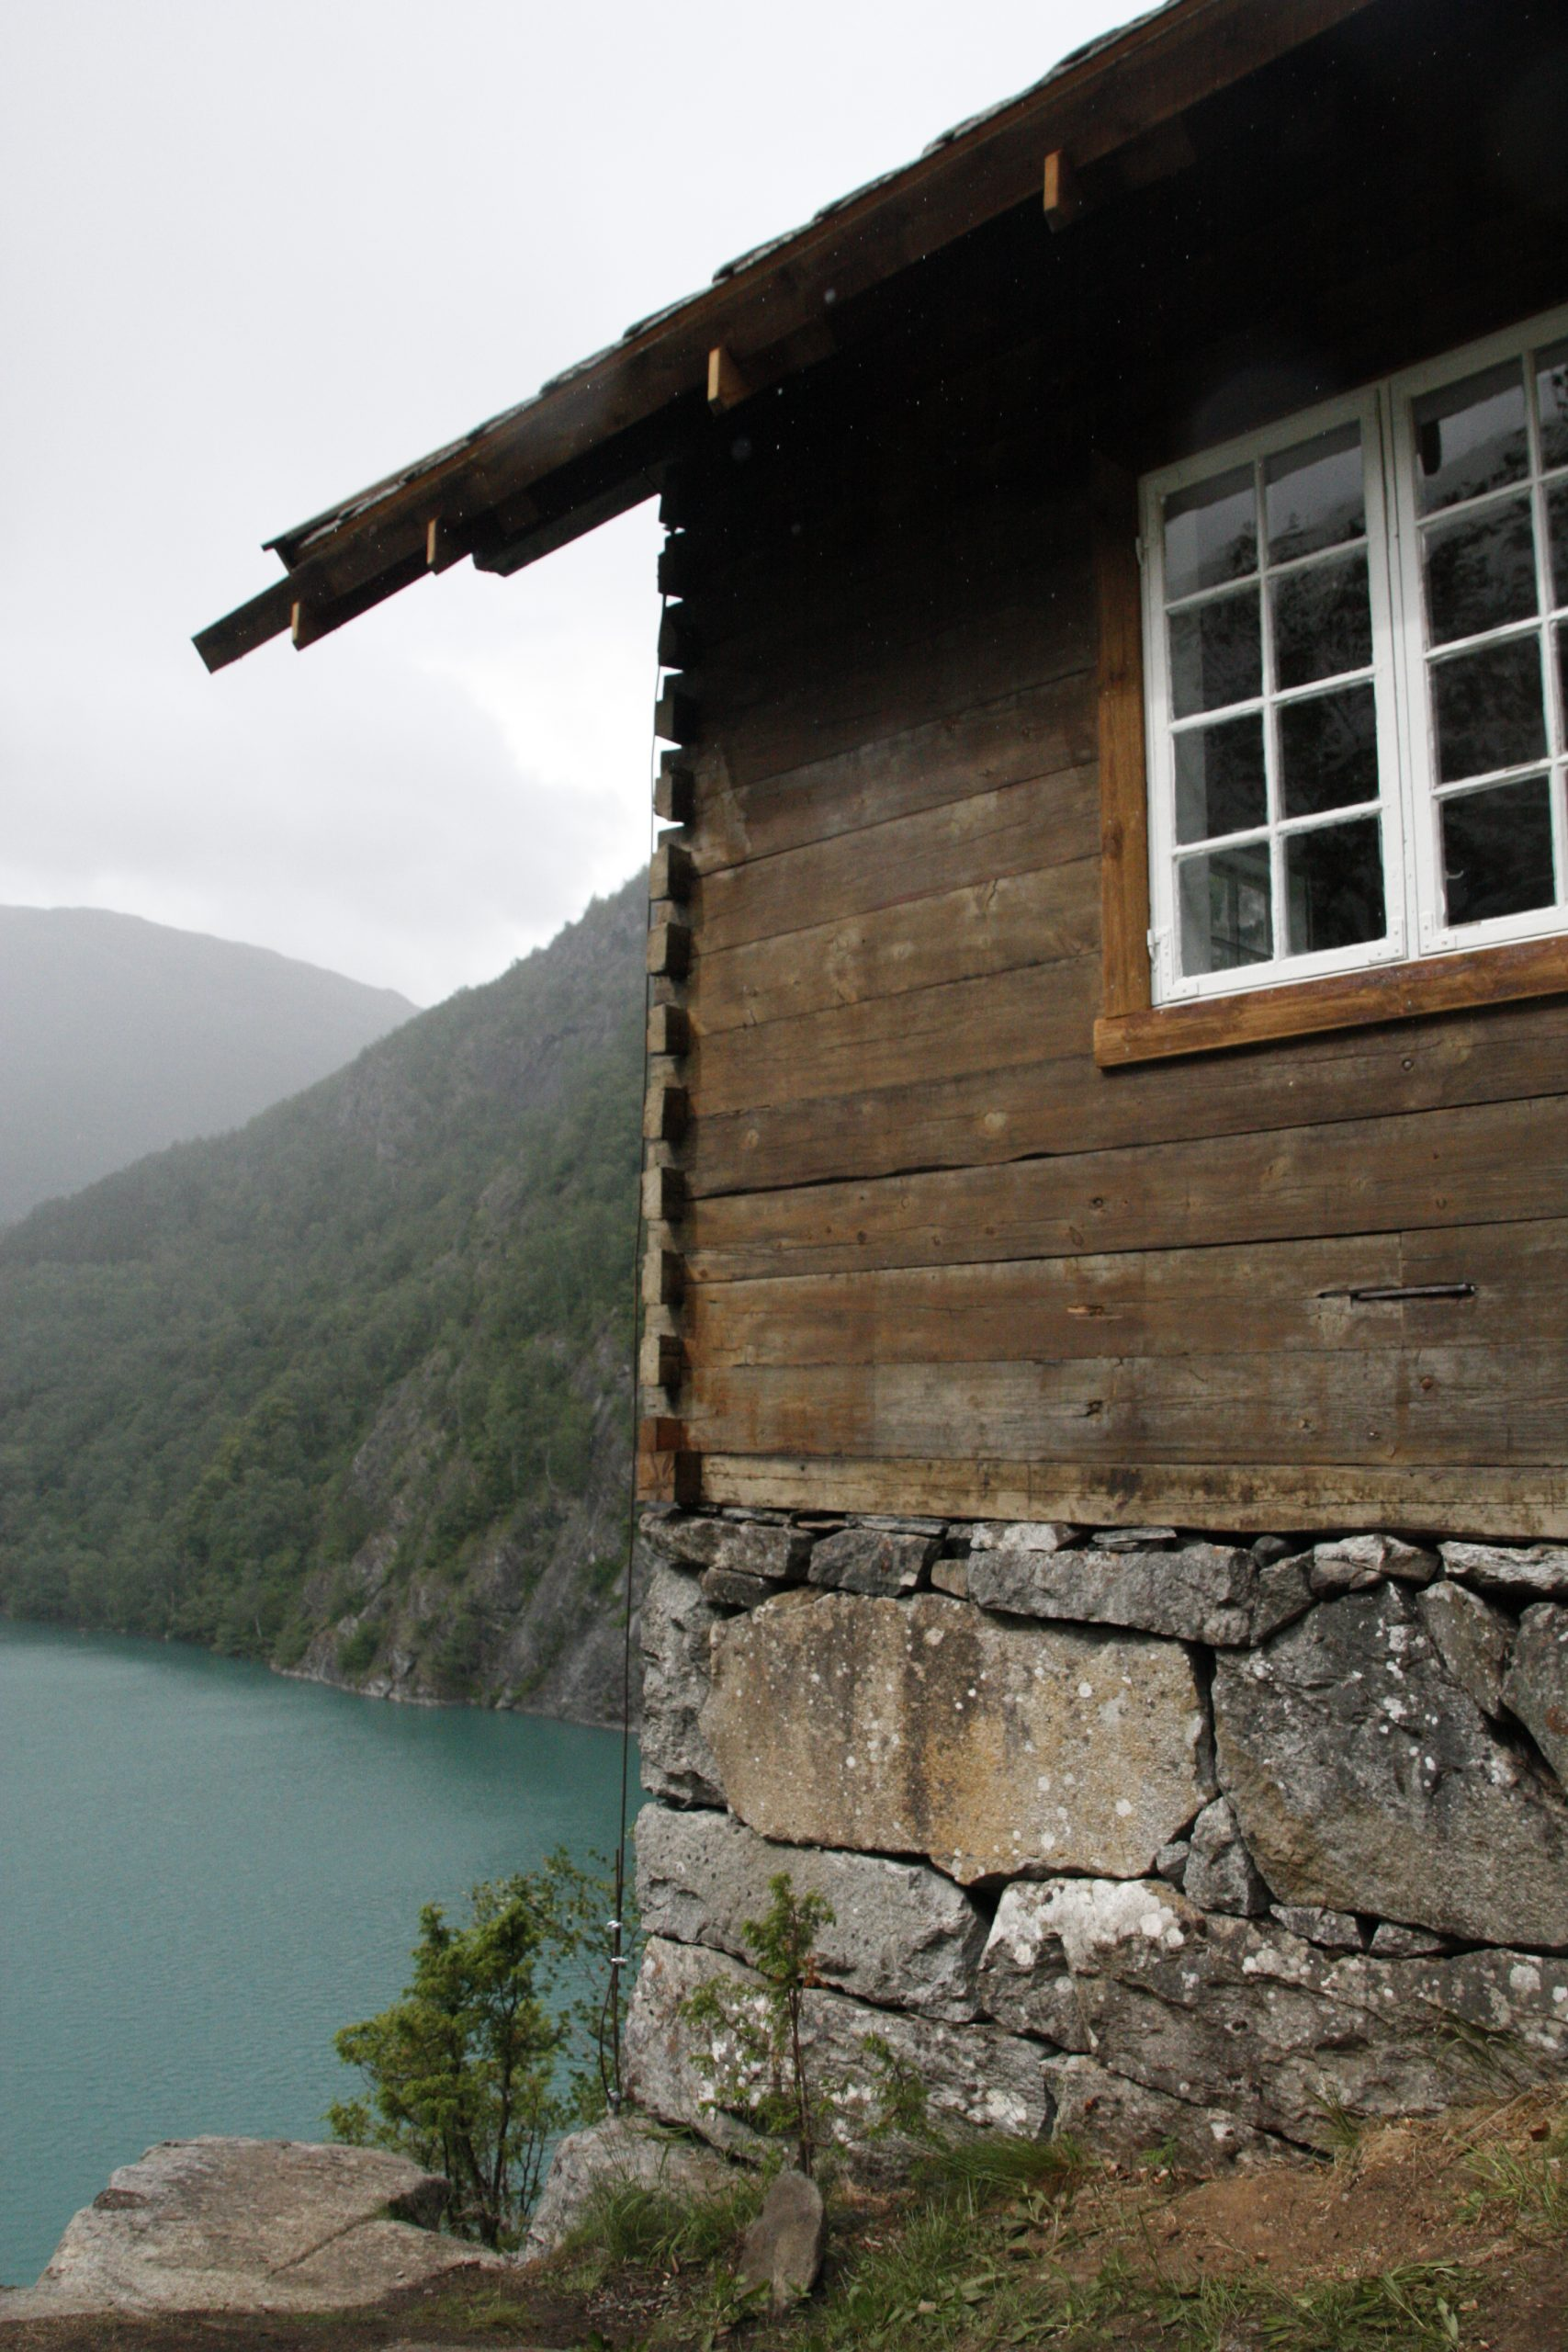 Bilde av Wittgenstein sitt hus, sett frå hjørnet av huset ut over ein tåkete fjord.